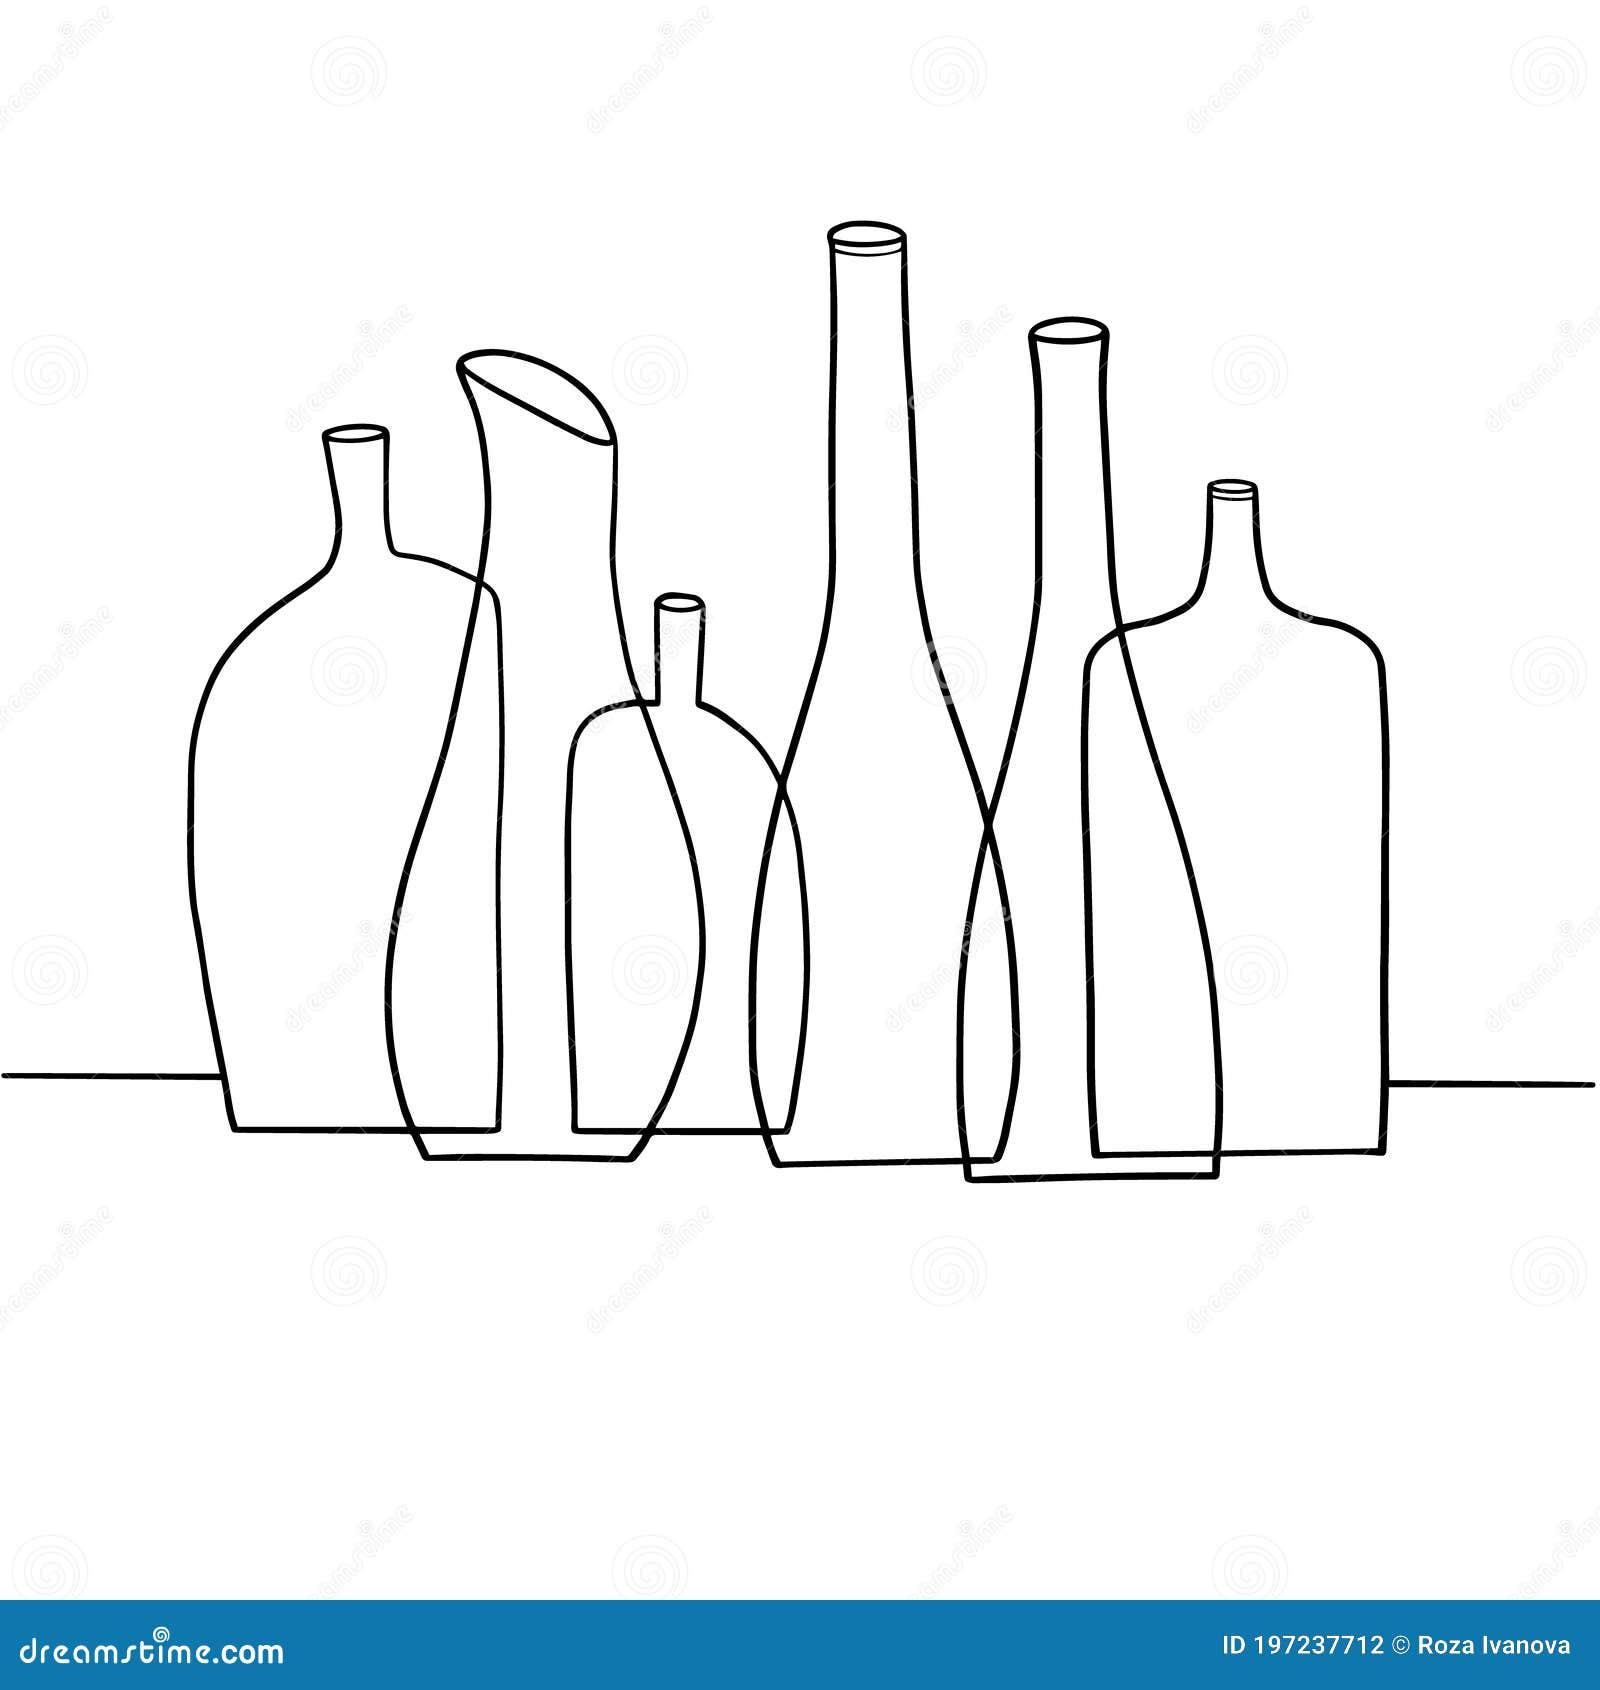 Del Norte Una vez más Inhalar  Ilustración Vectorial Hecha A Mano De Botellas De Bebidas Alcohólicas  Vacías Alineadas En Fila Ilustración del Vector - Ilustración de  ilustración, vacías: 197237712